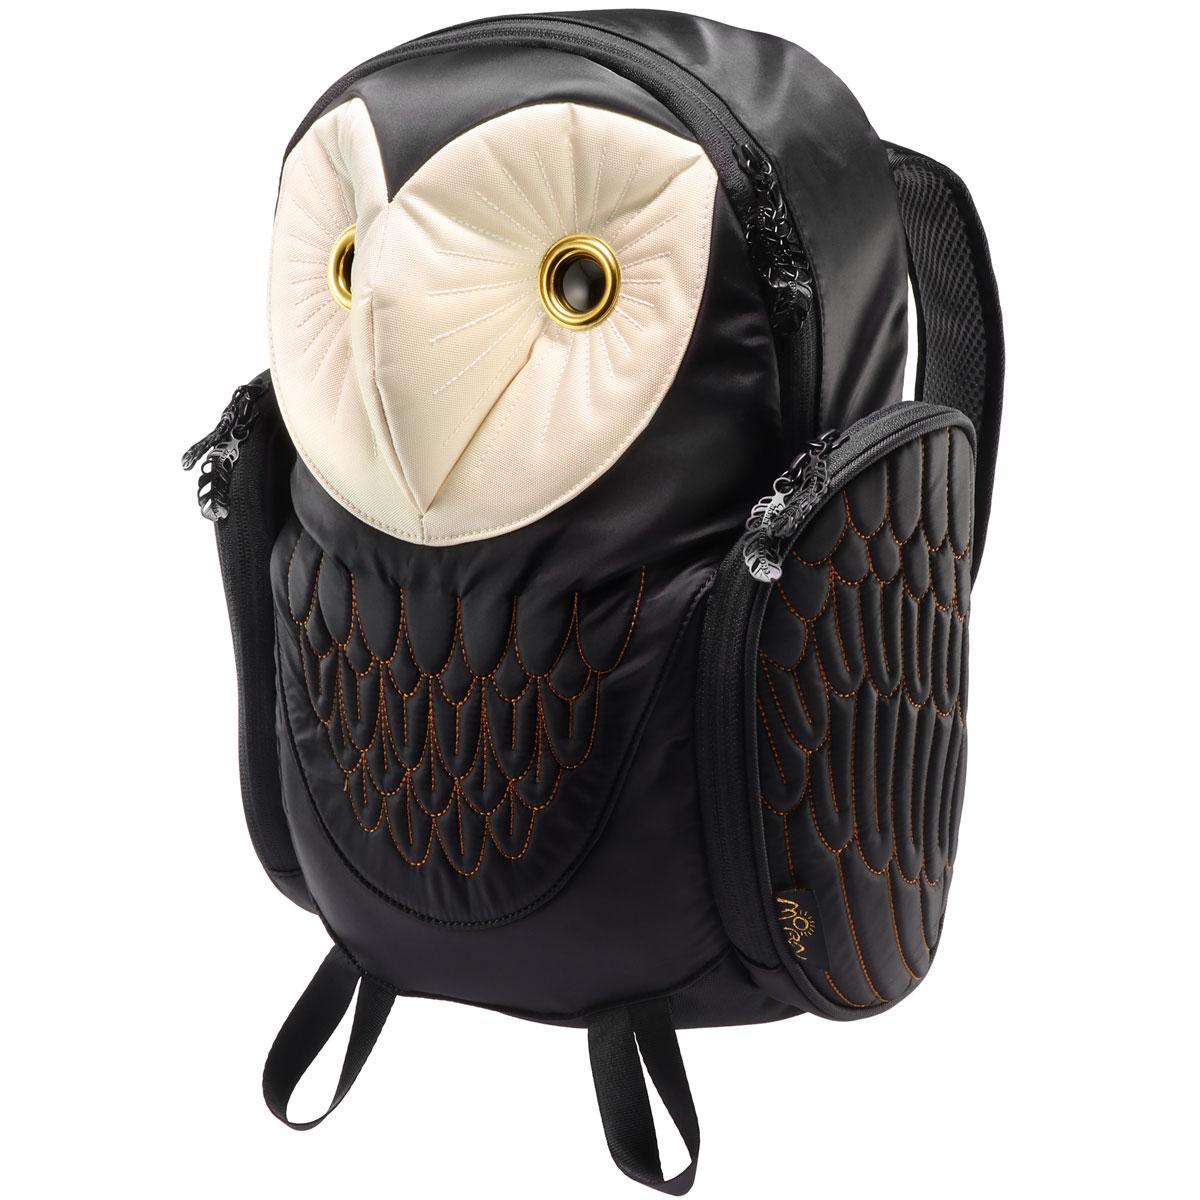 リュック MORN CREATIONS メンフクロウ バックパック Mサイズ 動物バッグ 取り出しやすい背面ポケット付き! モーンクリエイションズ フクロウ M ブラック